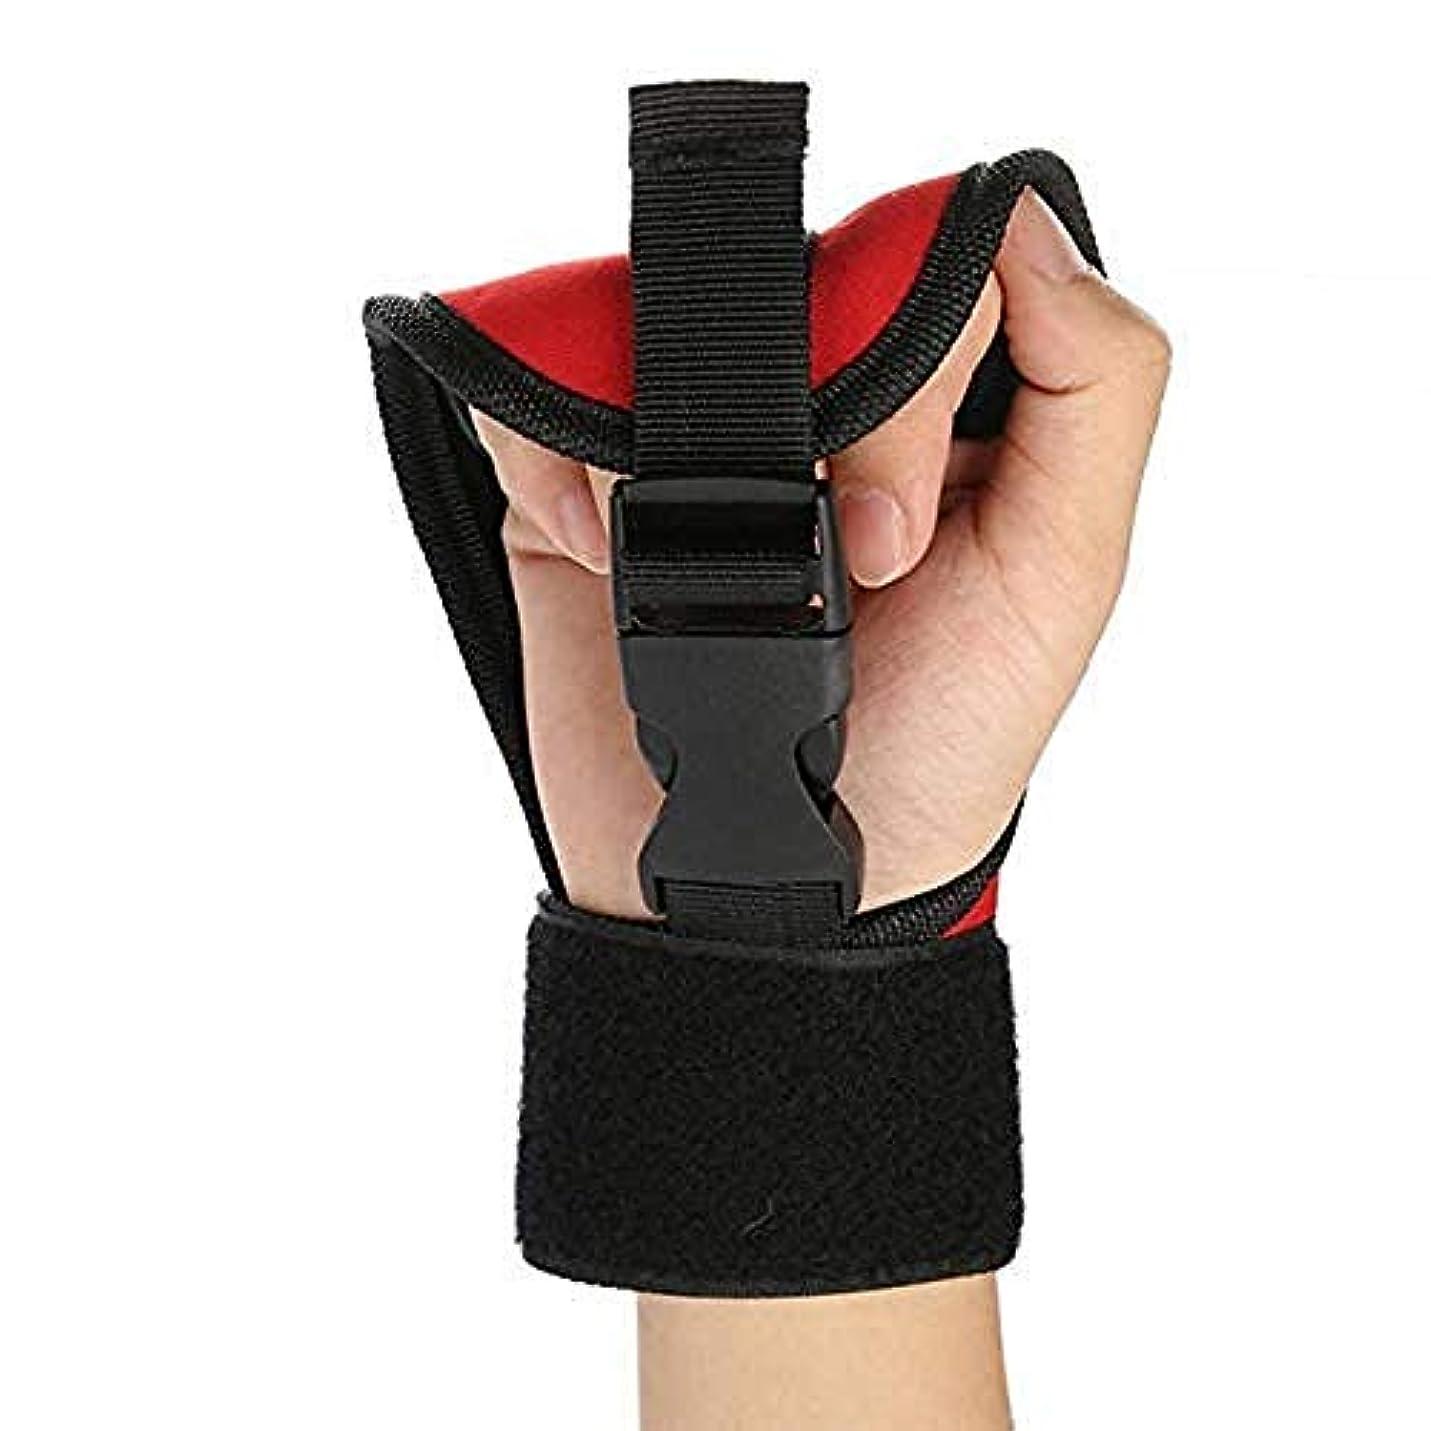 エスカレーター代替署名指の負傷のサポート、指の延長スプリント(ユニセクシャル)トレーニングハンドパンチ調節可能ストラップ,Buckle